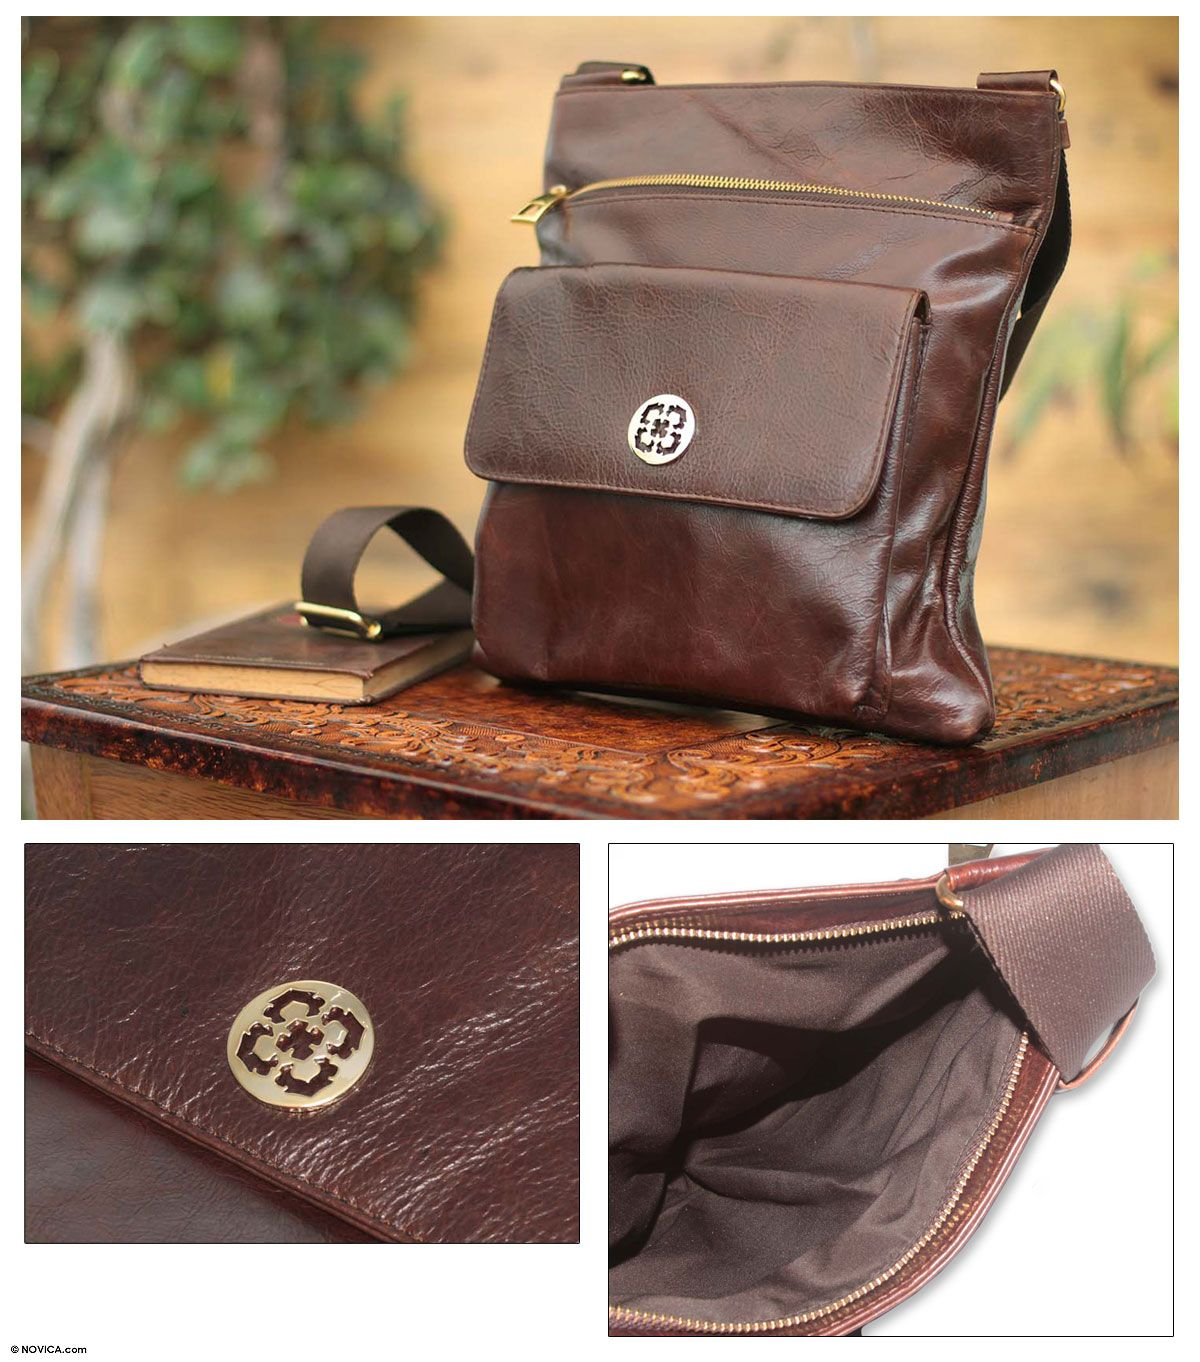 Novica Leather messenger bag, Arequipa Traveler - Brown Leather Shoulder Bag from Peru